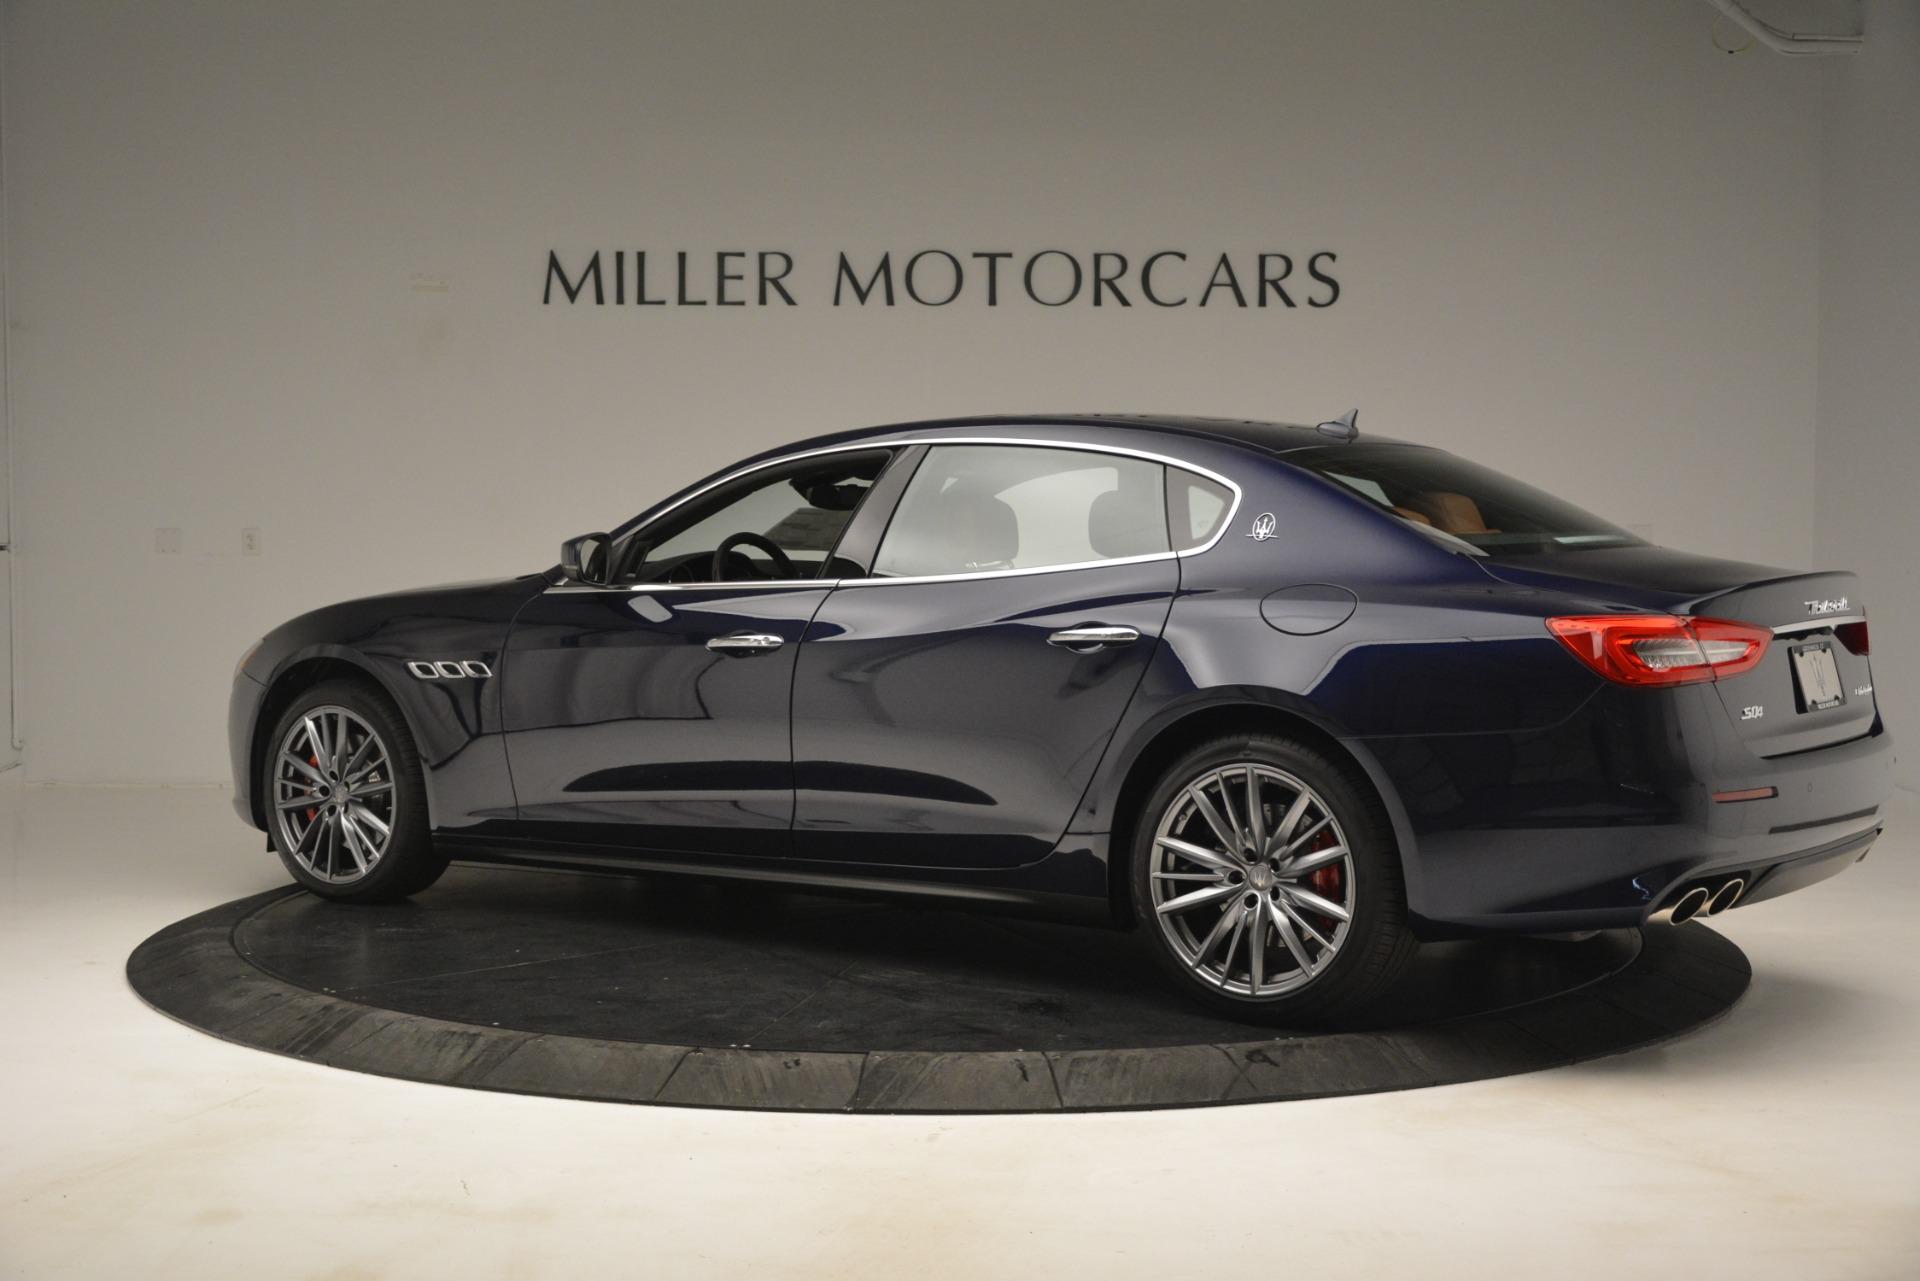 New 2019 Maserati Quattroporte S Q4 For Sale In Westport, CT 2742_p4